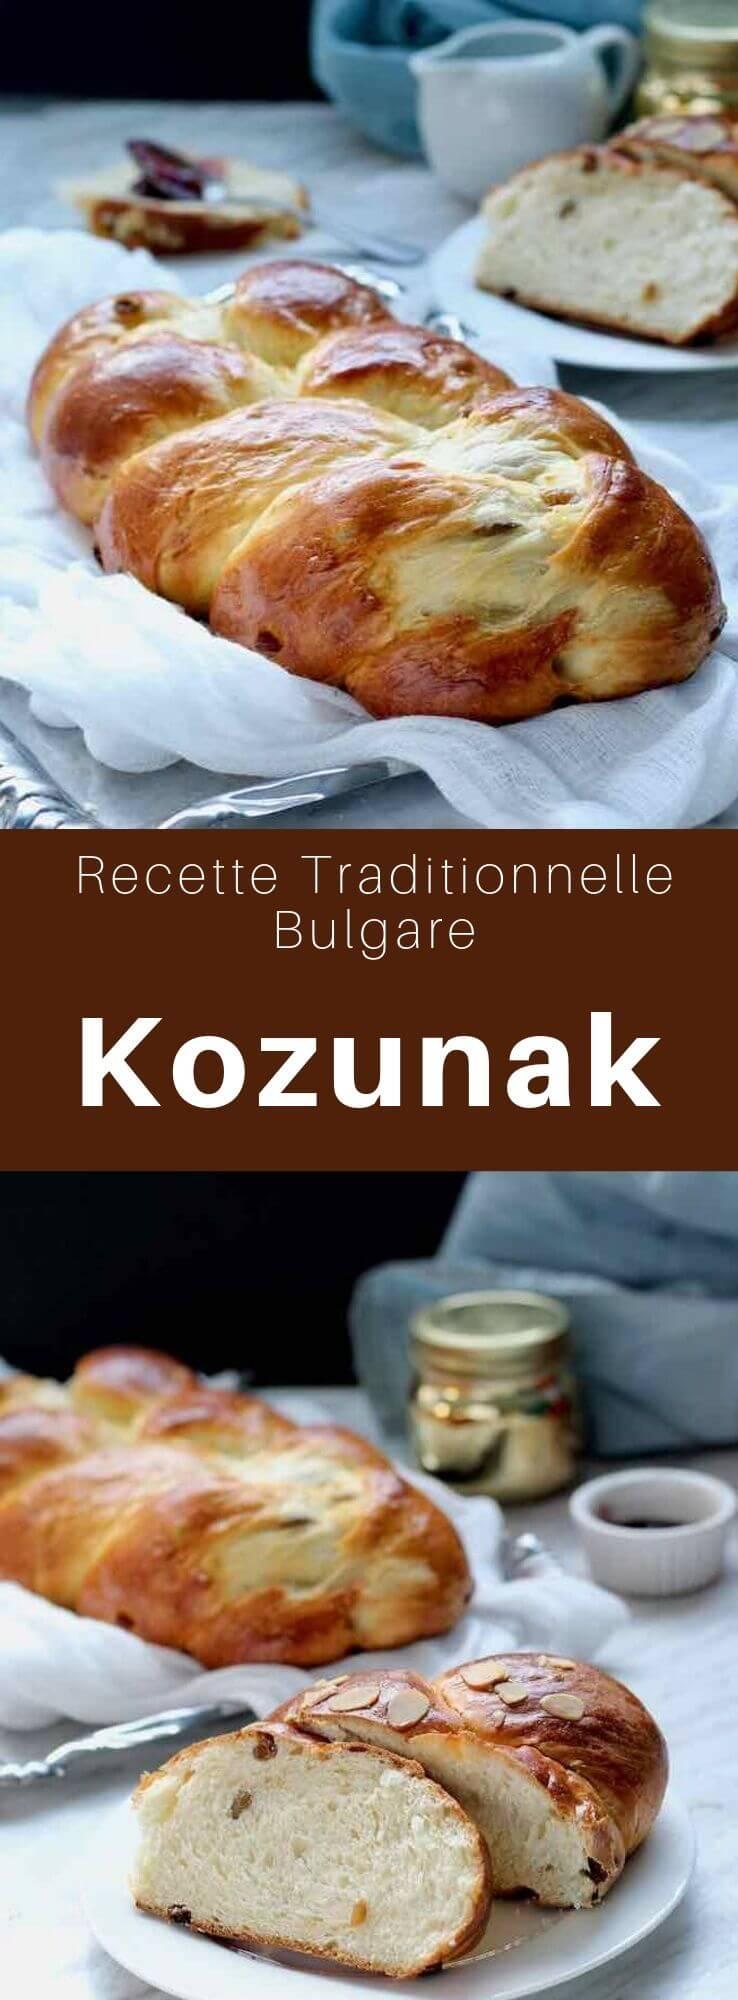 Le kozunak ou cozonac est une brioche traditionnelle aux raisins secs préparée pour Pâques ou pour Noël en Roumanie, Bulgarie, Moldavie, ou Albanie. #Bulgarie #Roumanie #Moldavie #Albanie #CuisineDuMonde #196flavors